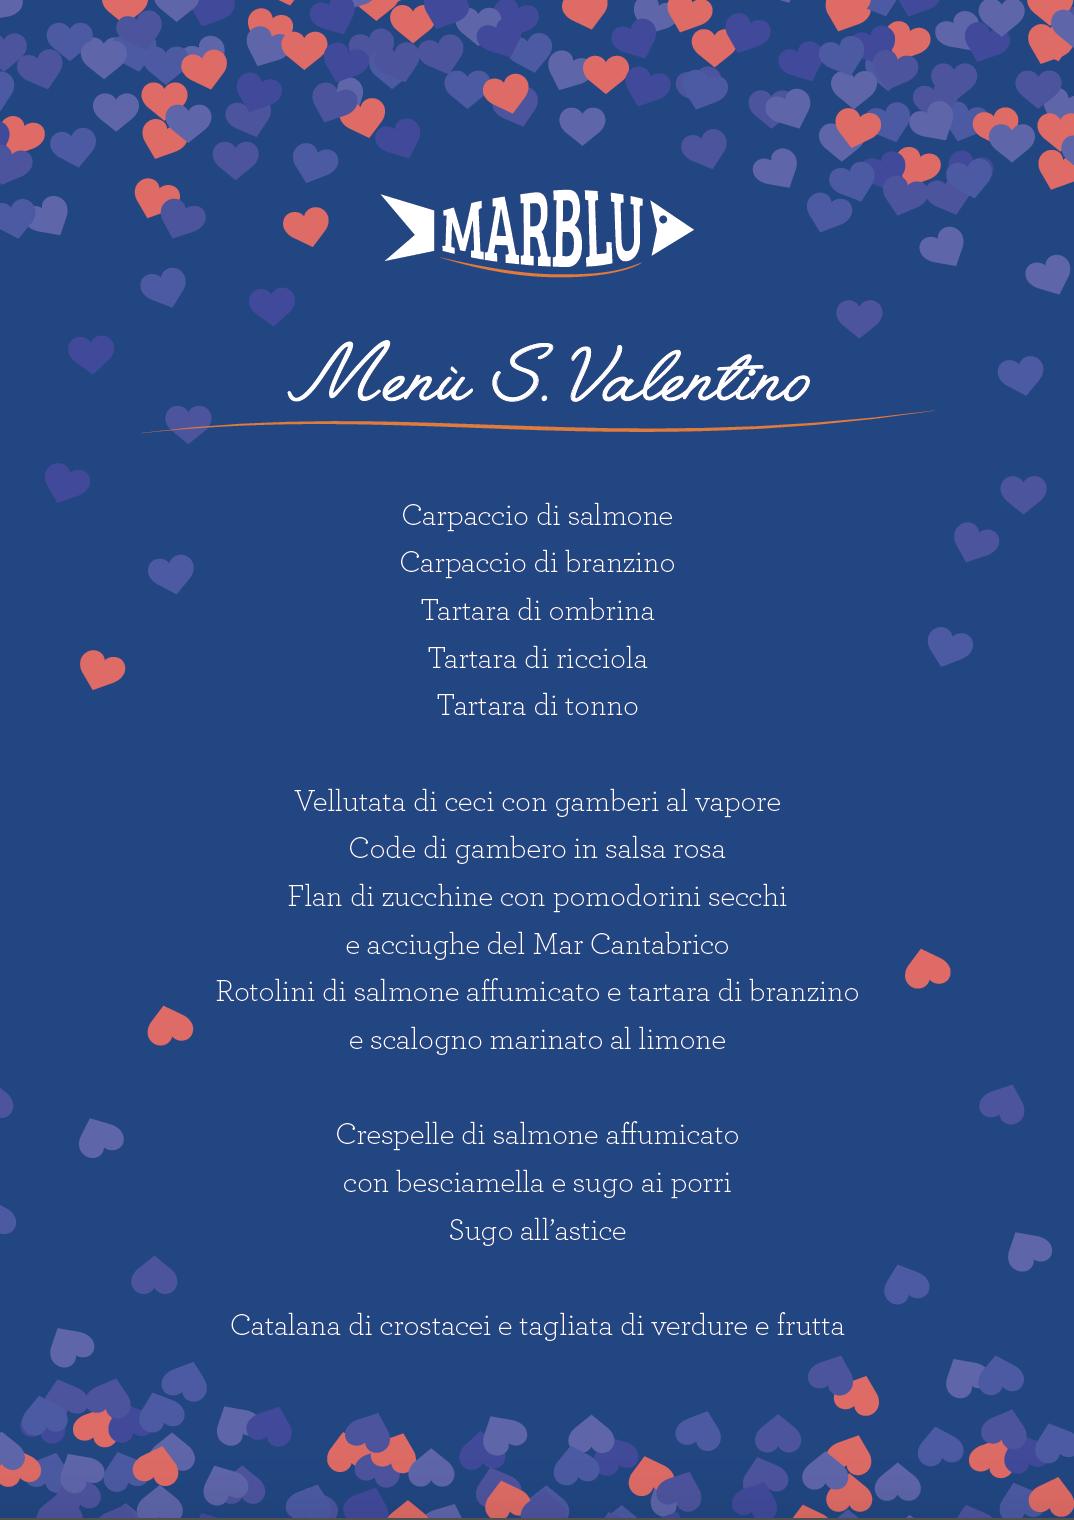 Menù S. Valentino 2019, per innamorarsi delle cose buone!